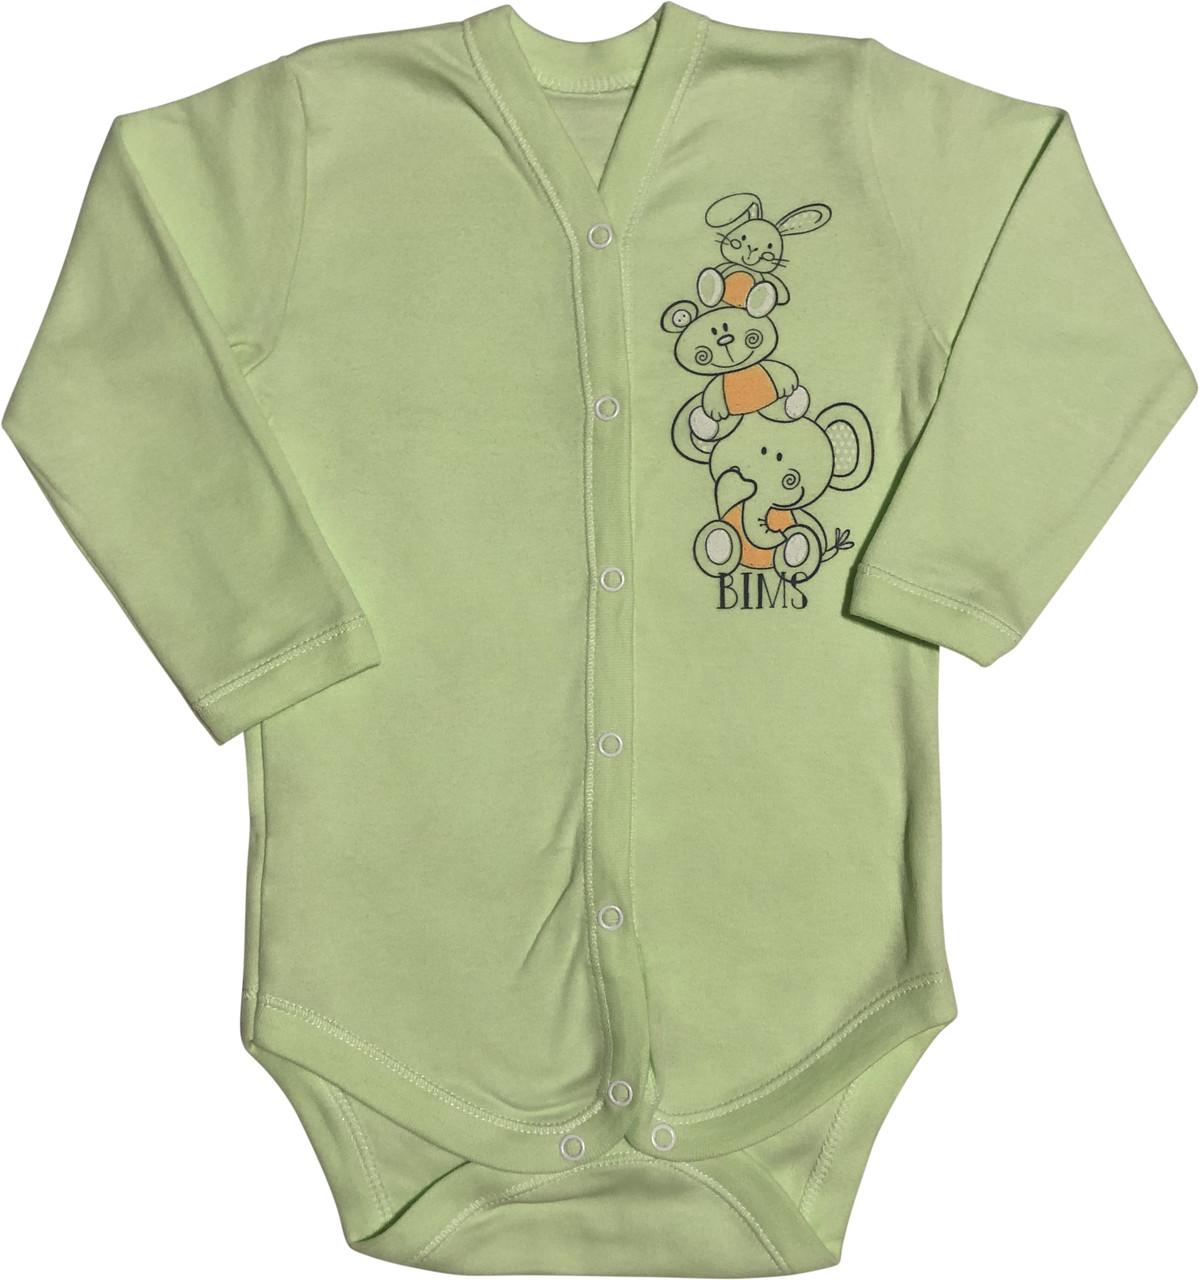 Дитячий боді зростання 86 1-1,5 року трикотажне інтерлок салатова на хлопчика дівчинку футболка з довгим